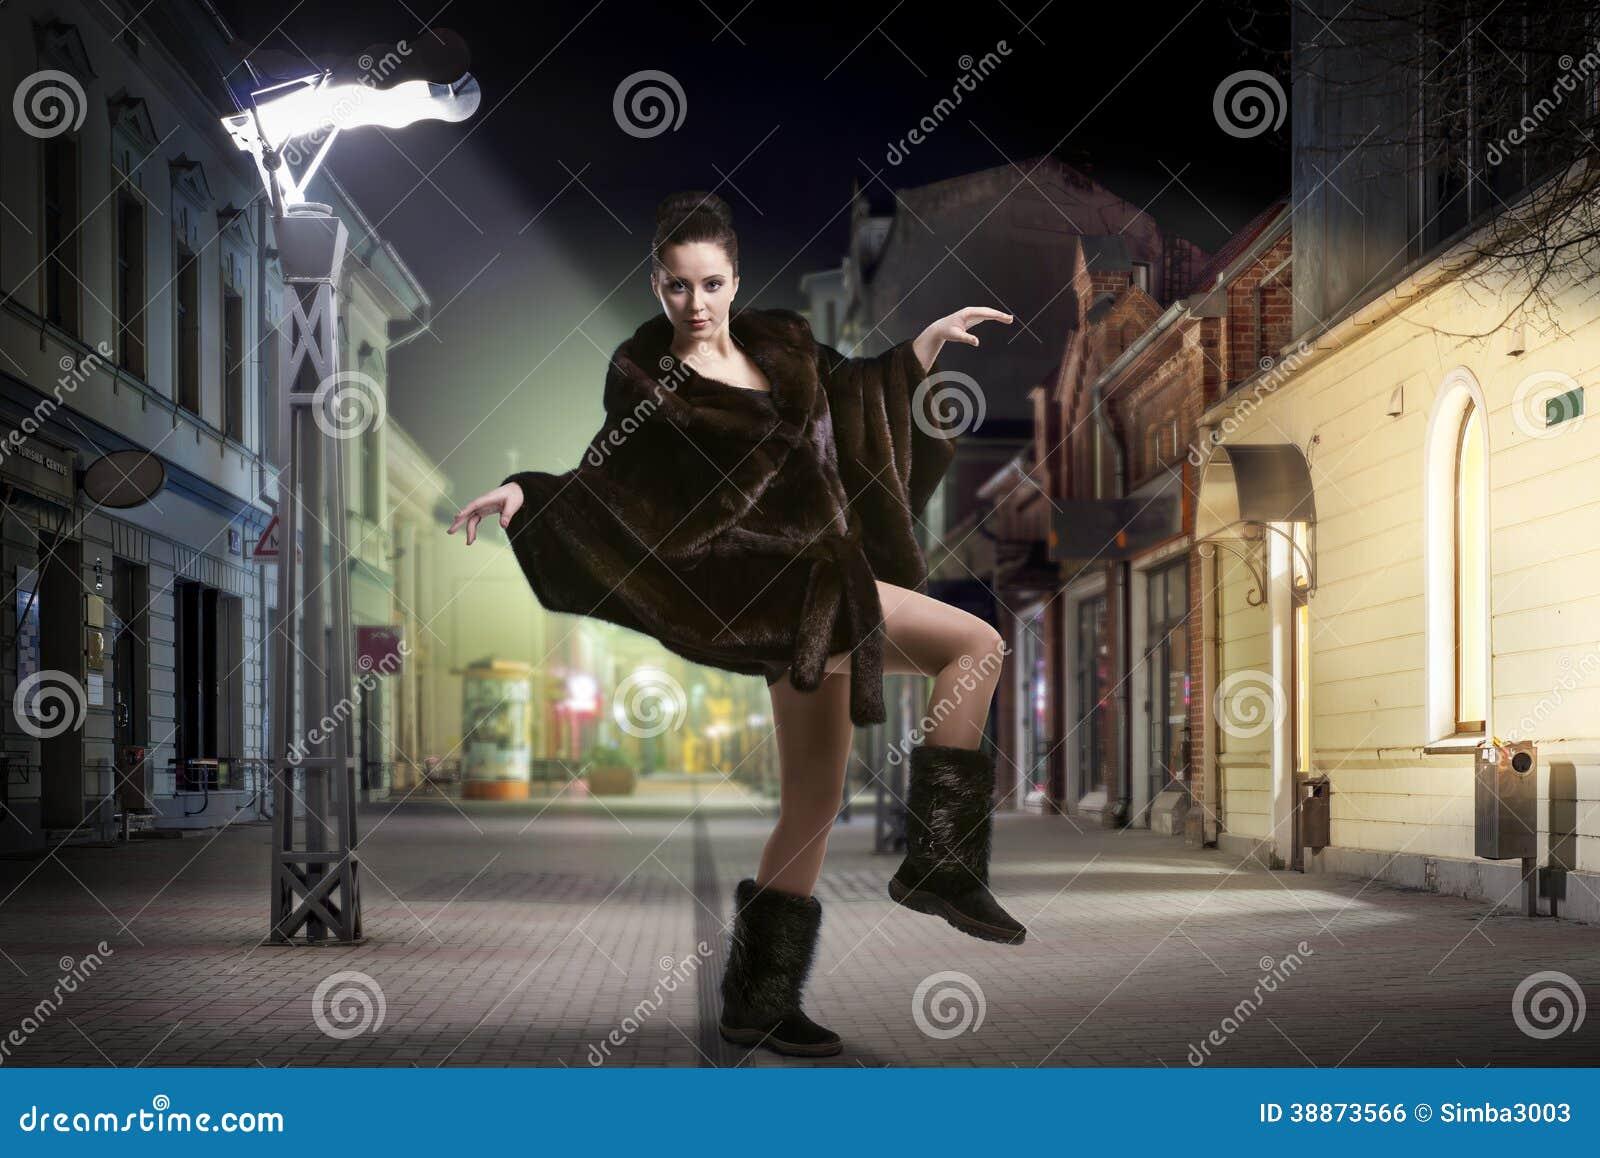 Baile Despreocupado De La Mujer De La Moda En La Calle Foto de ... 62b44cf7d05